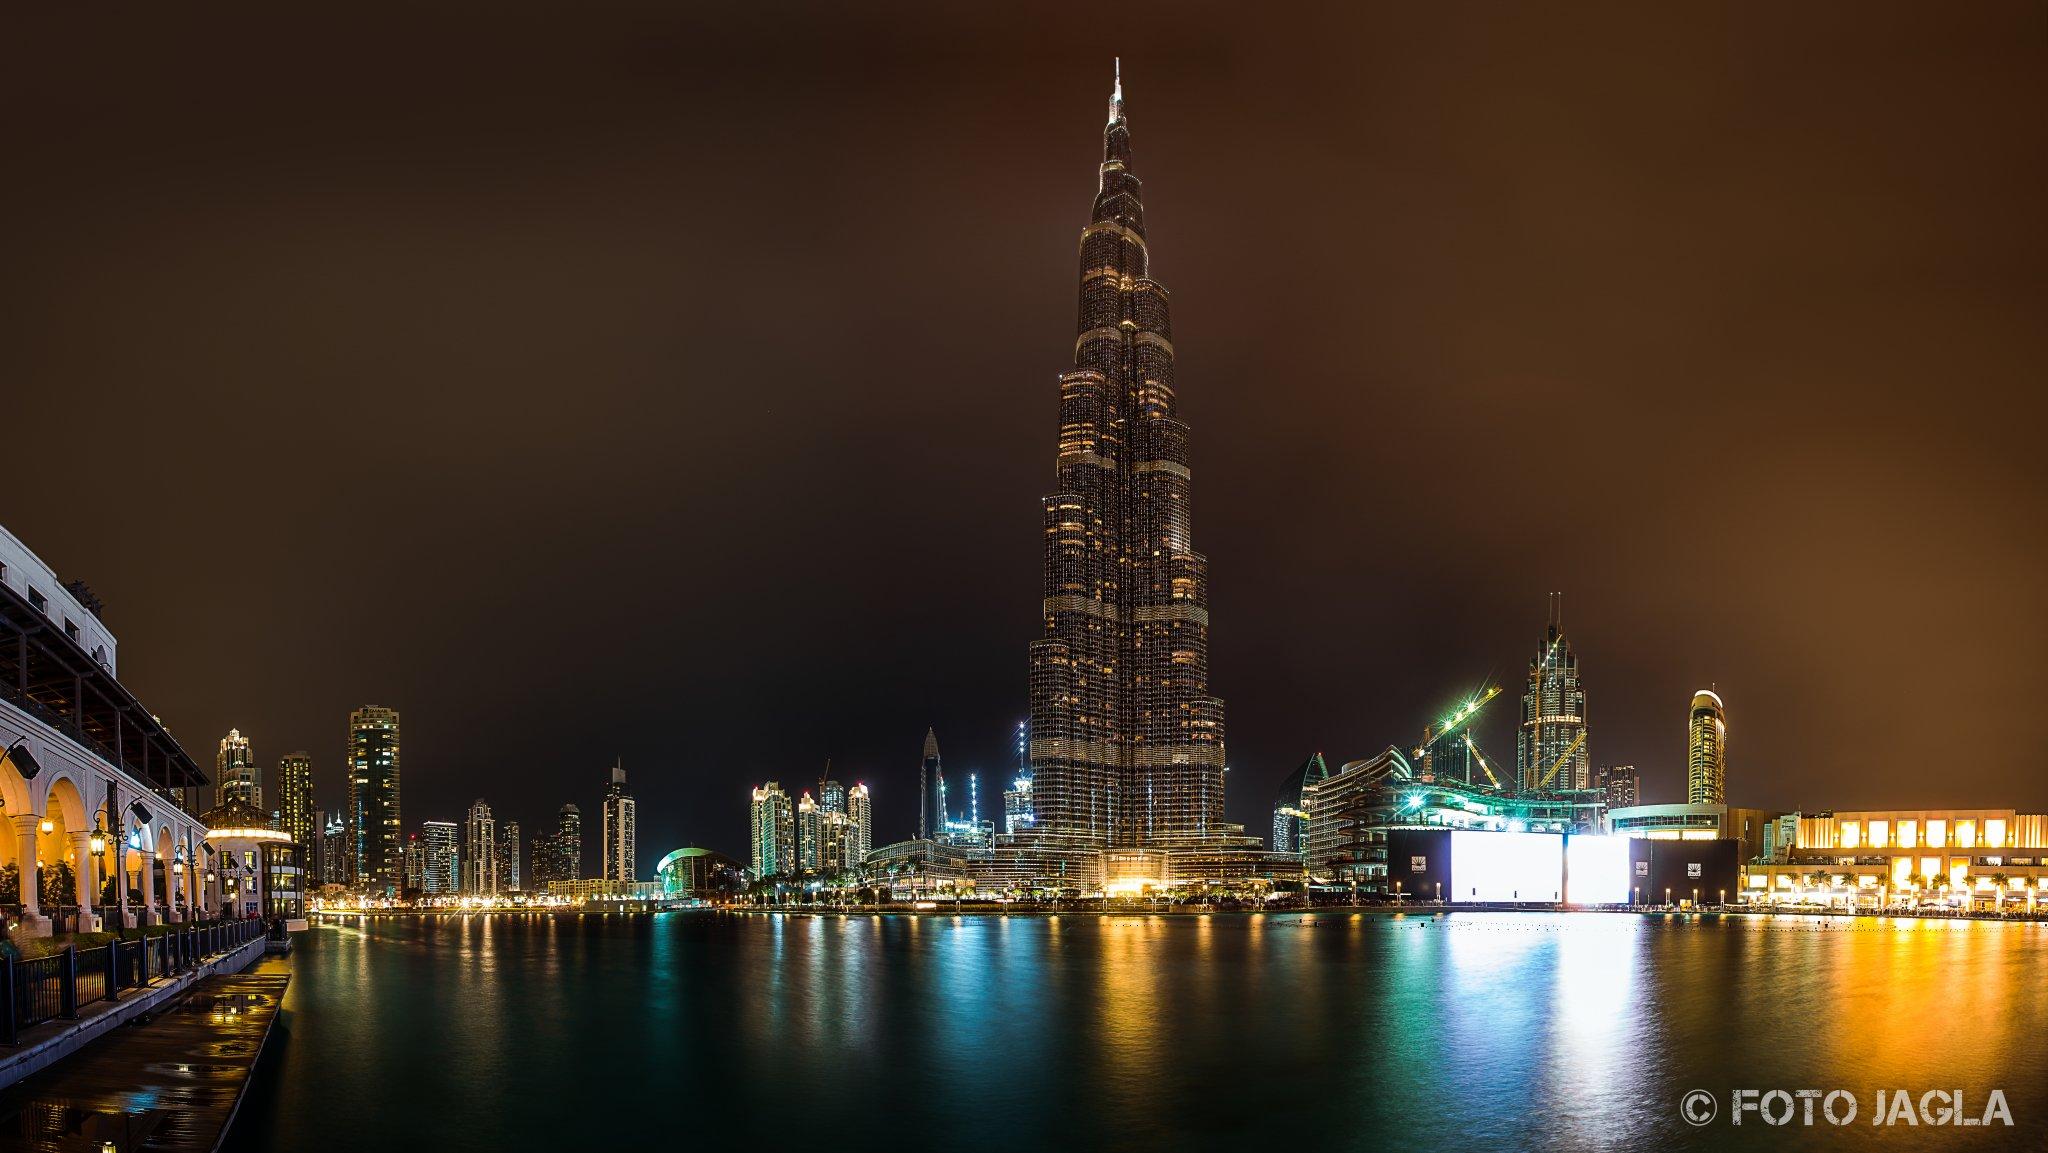 Panorama von der Burj Khalifa in Dubai  (Vereinigte Arabische Emirate)